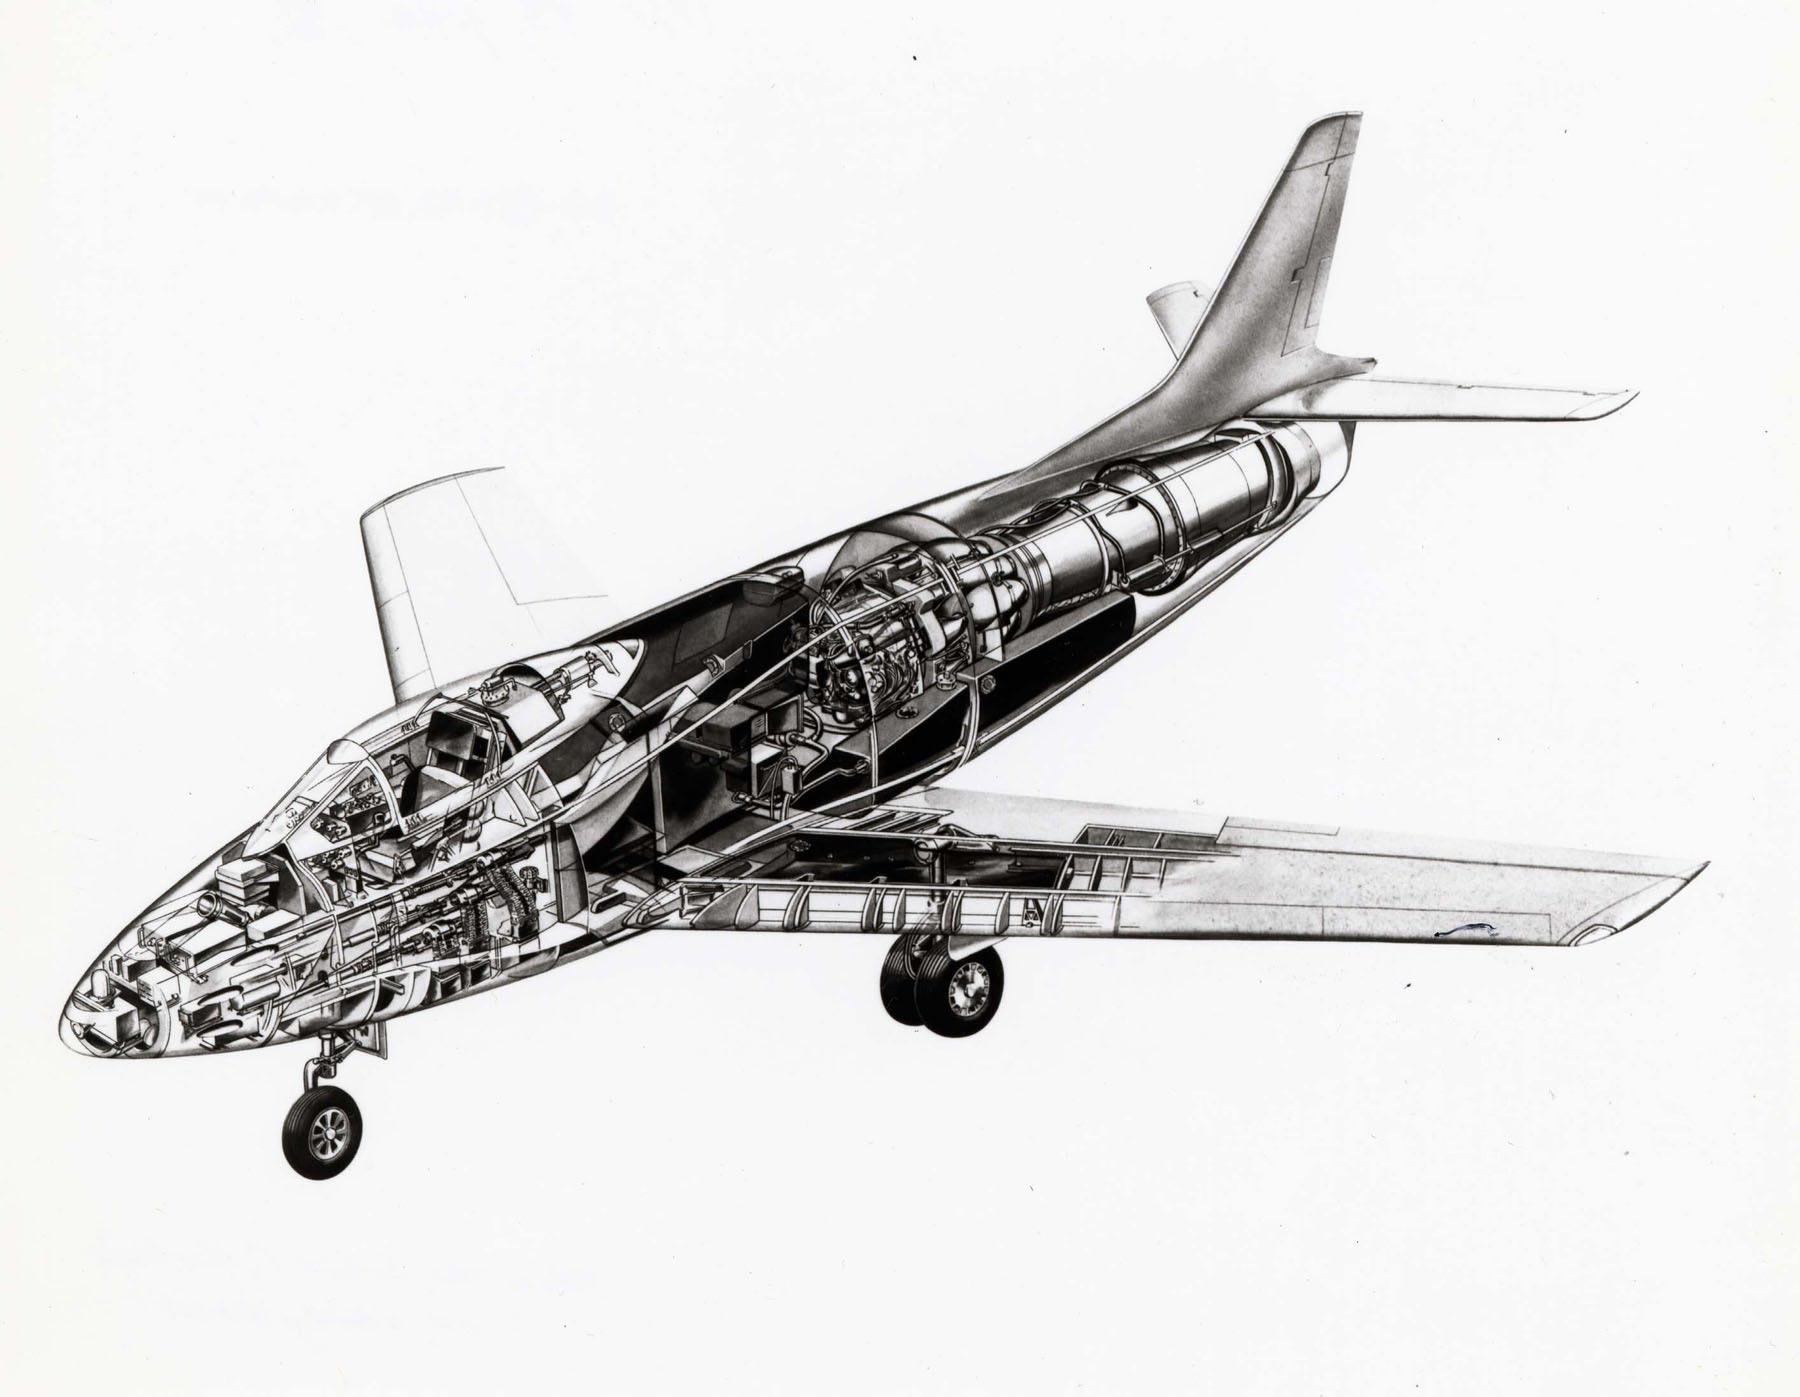 North American YF-93 cutaway